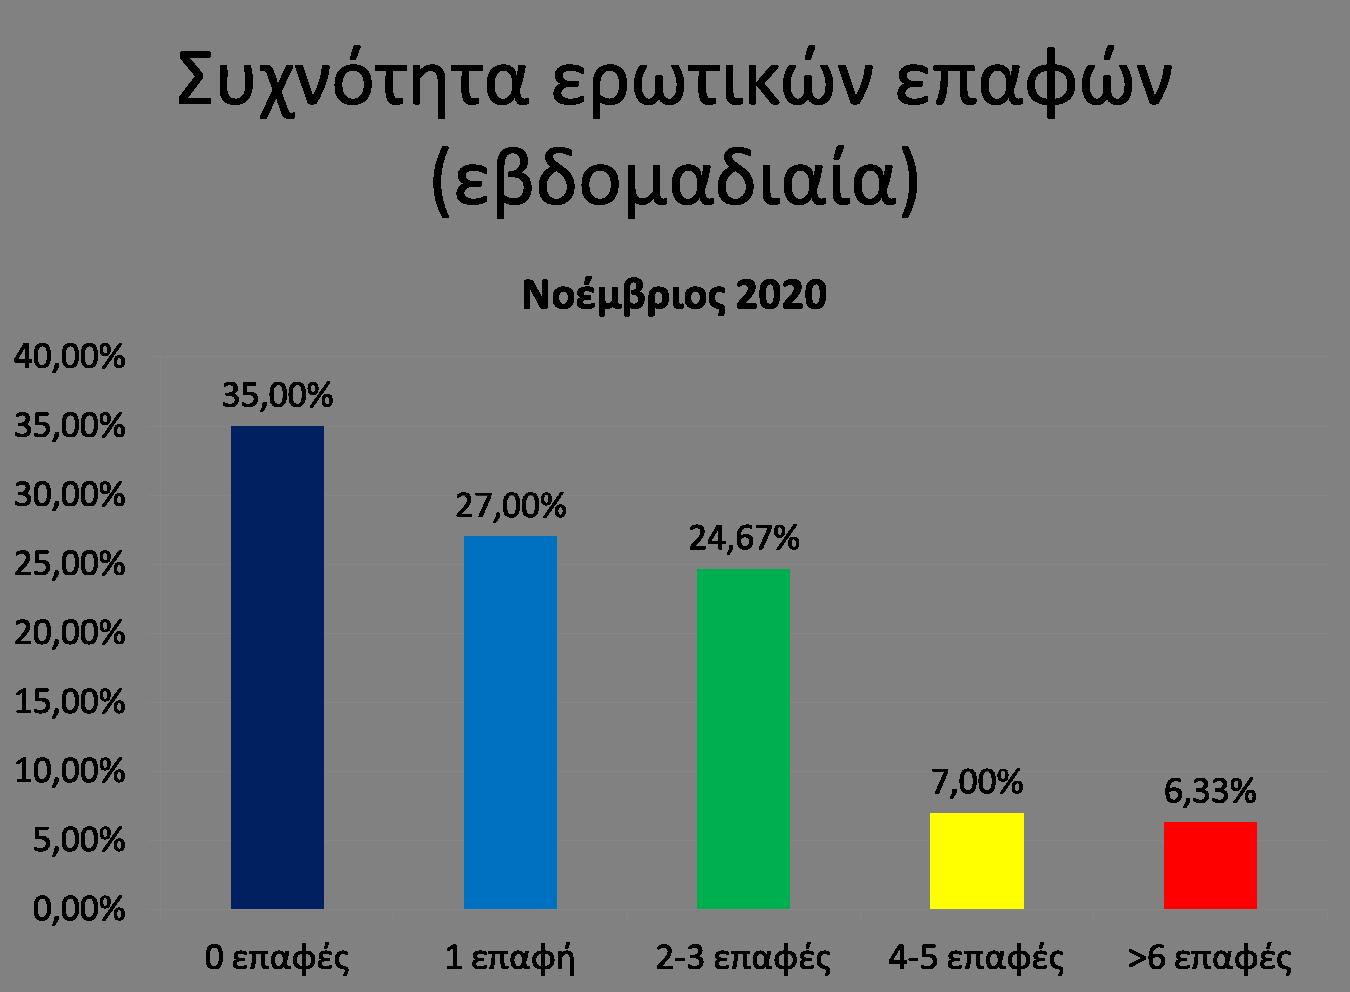 grafima 2